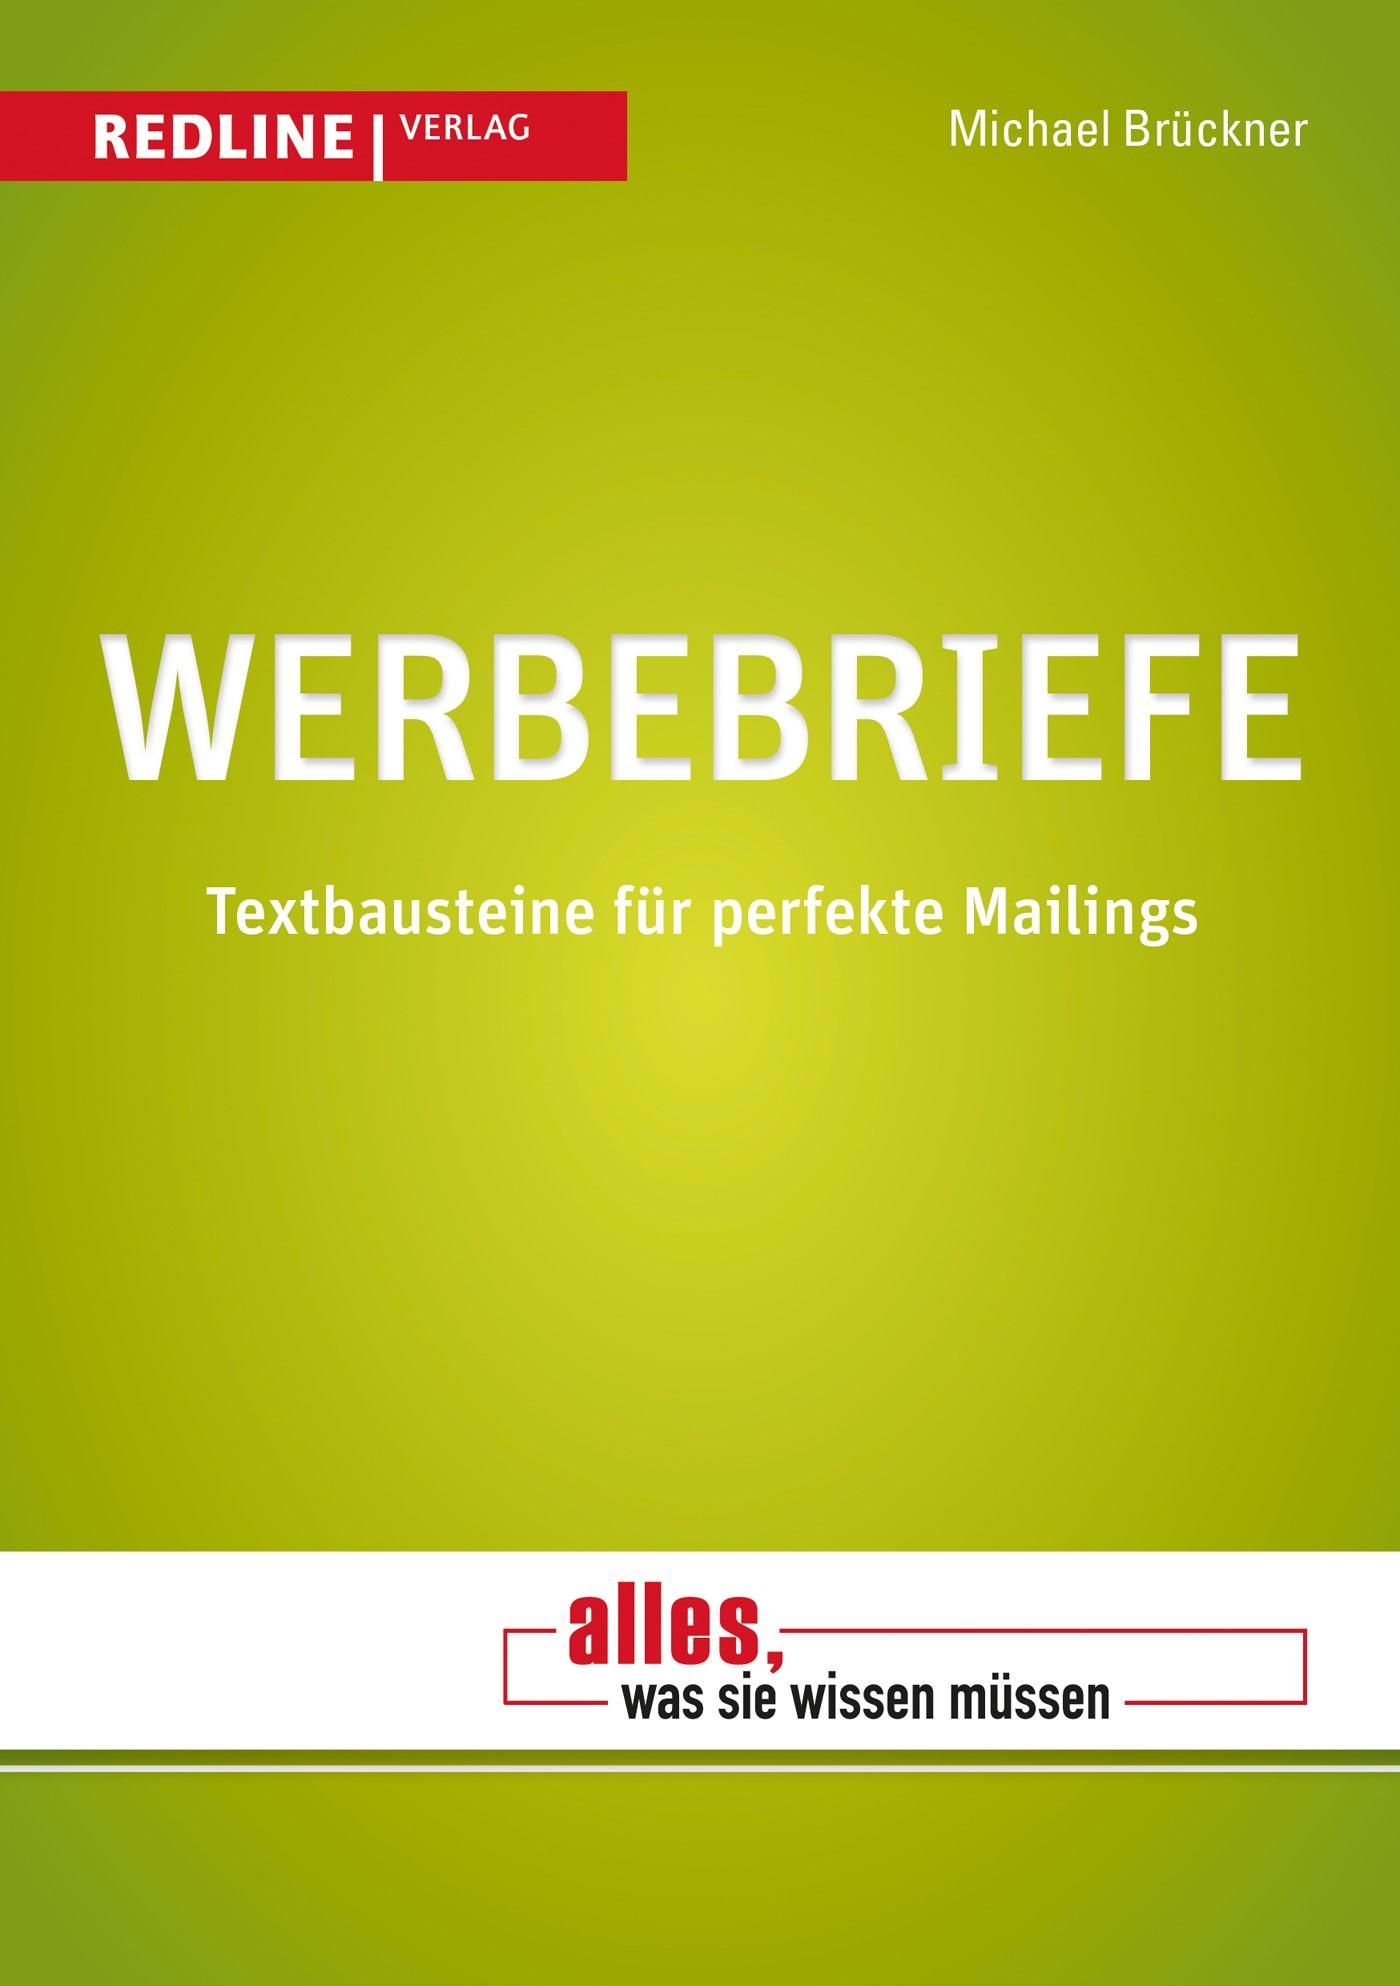 Werbebriefe | Brückner | 2. Auflage 2013, 2013 | Buch (Cover)